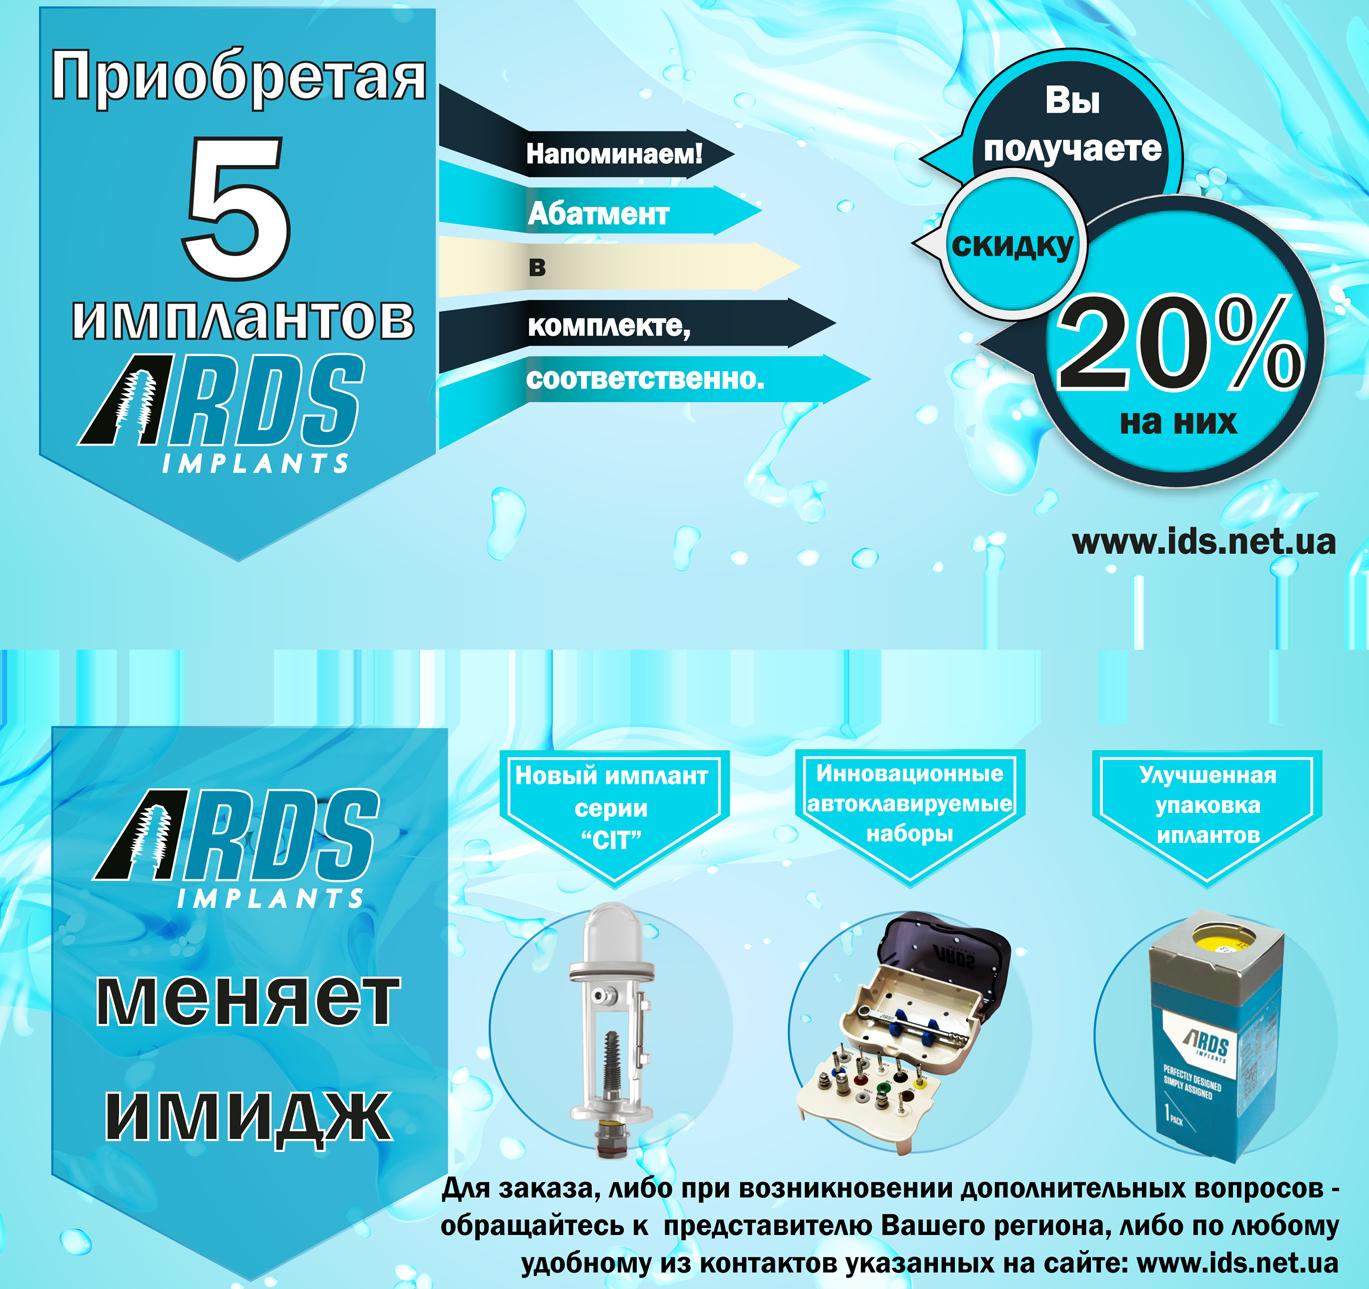 5 имплантов - 20 % скидка